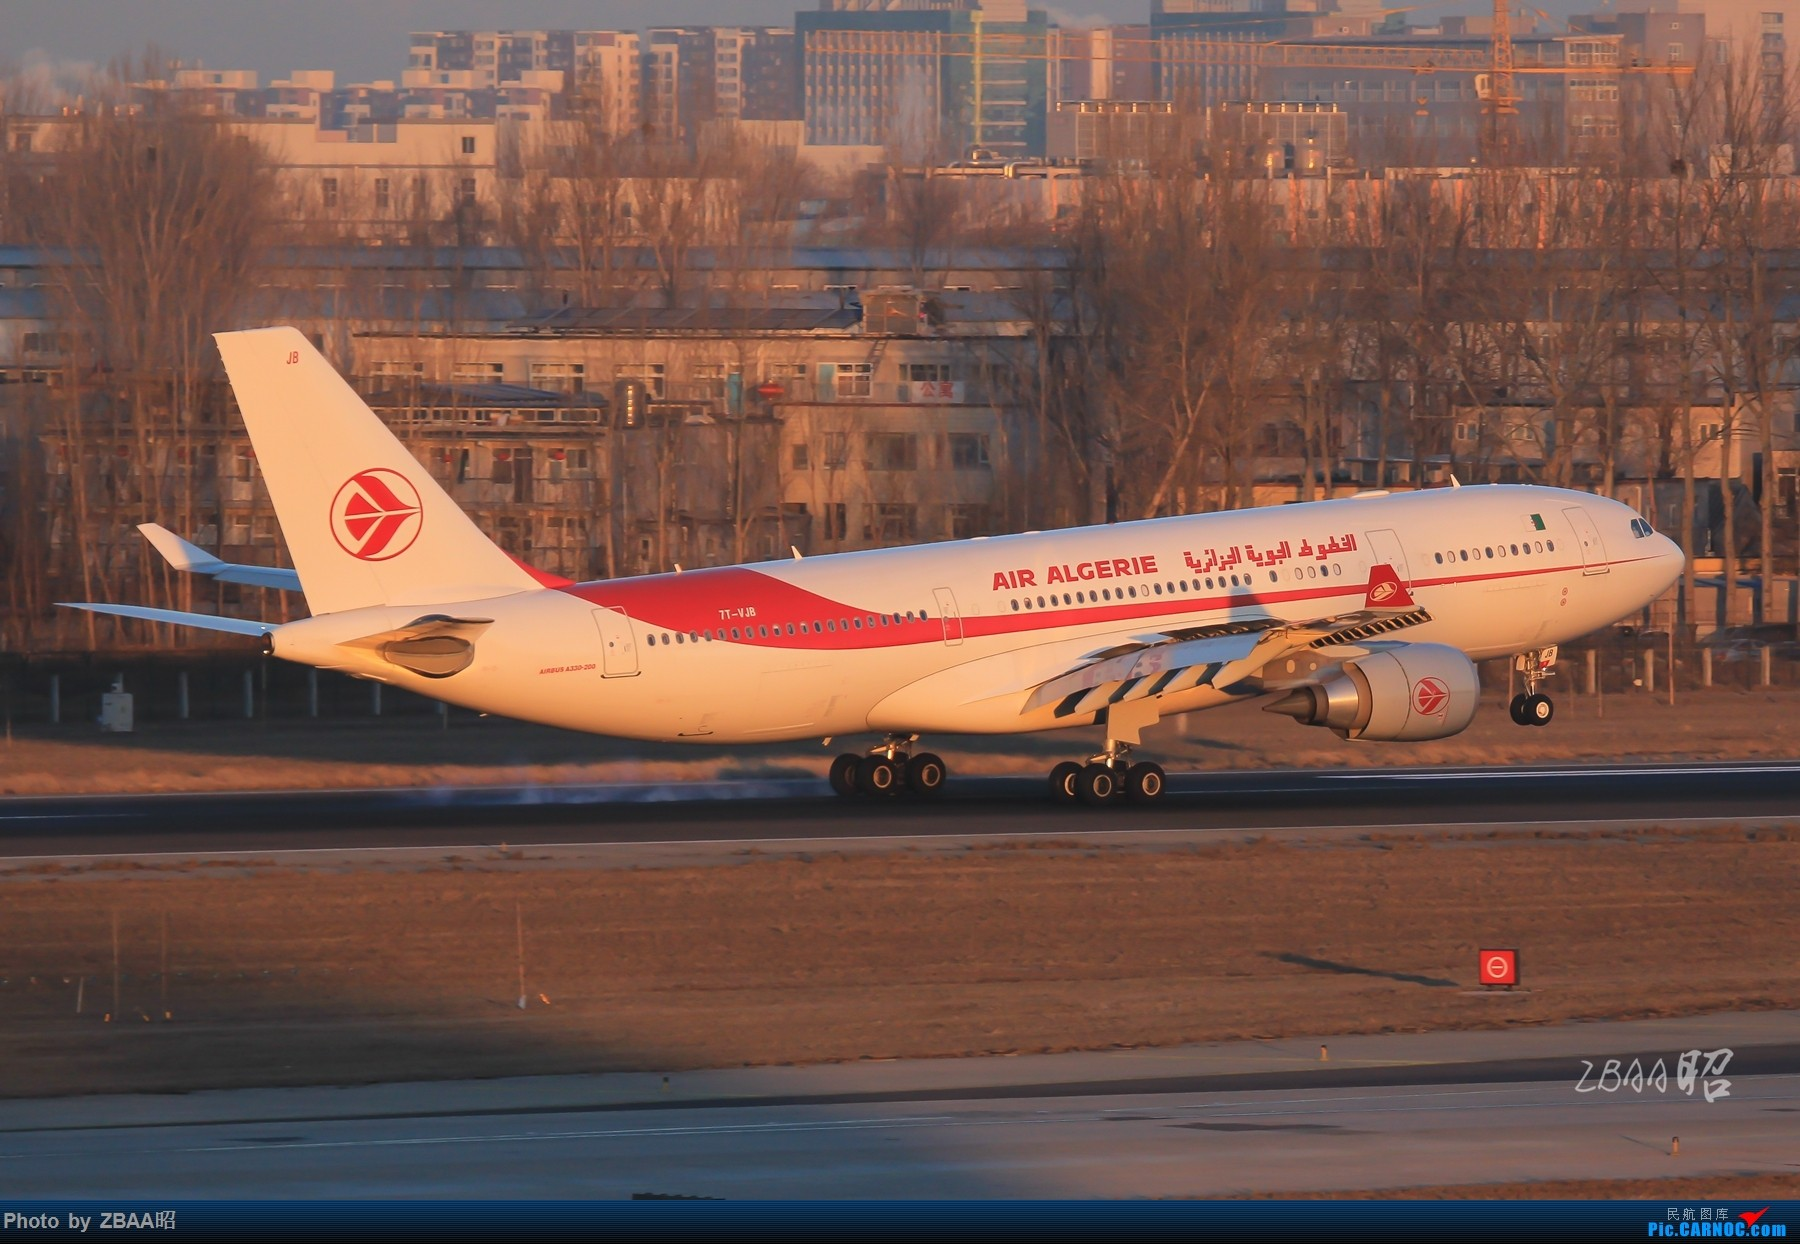 Re:[原创]飞友聚会后的独自疯狂,格林豪泰隔天怒打ZBAA 36L跑道,夜拍海航宽体机,寒风中坚守楼顶阵地 AIRBUS A330-200 7T-VJB 中国北京首都国际机场